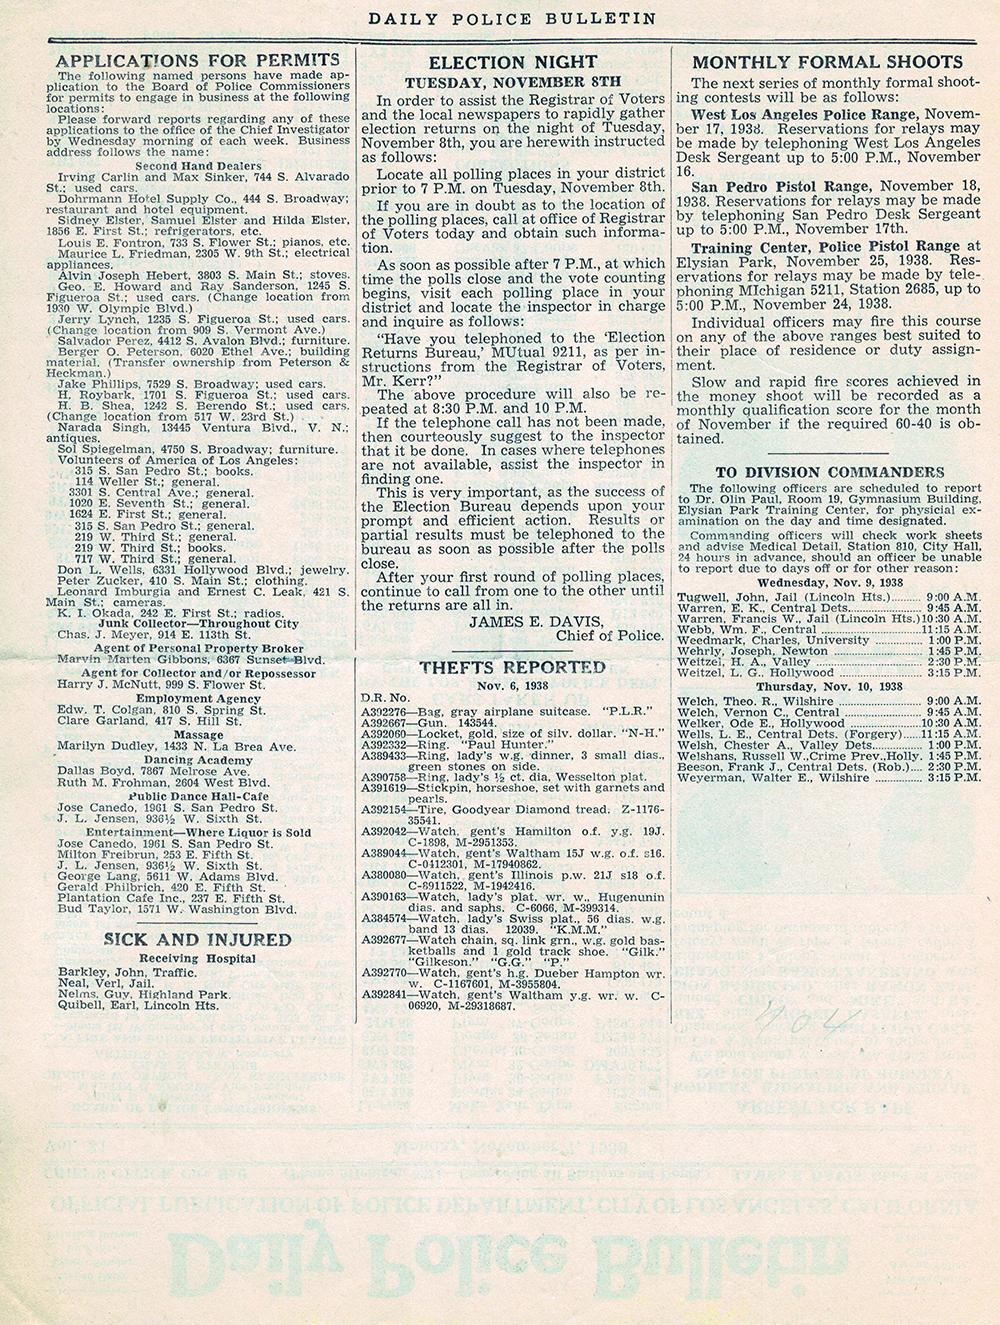 Police Bulletin November 9, 1938 page 2.jpg